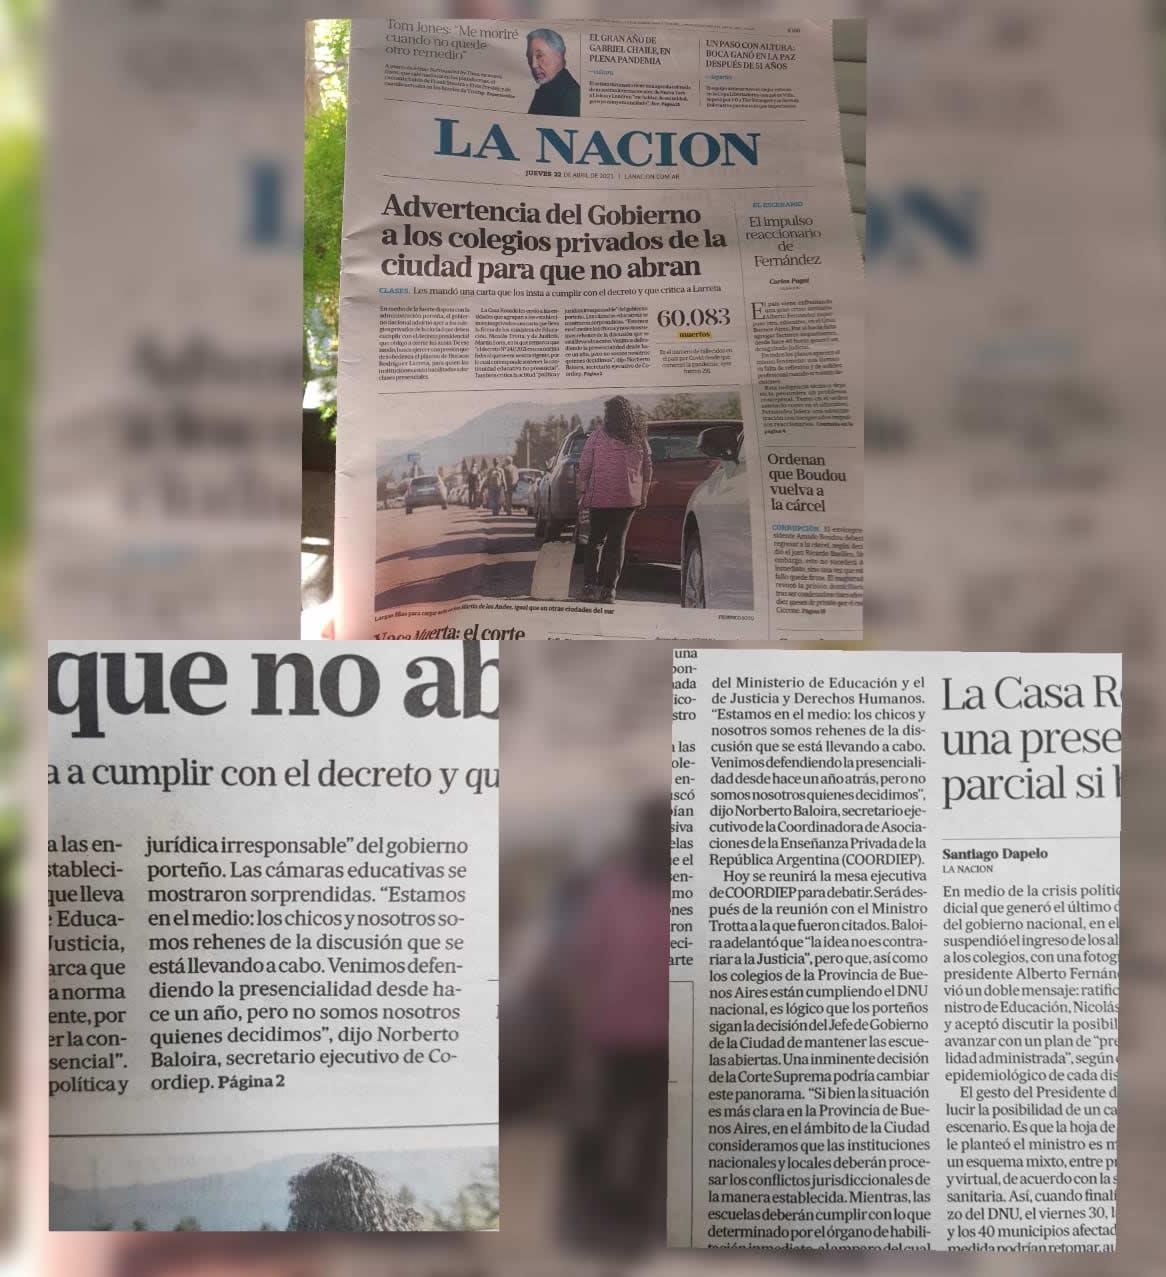 1_entrevista de diario La Nación a Baloira